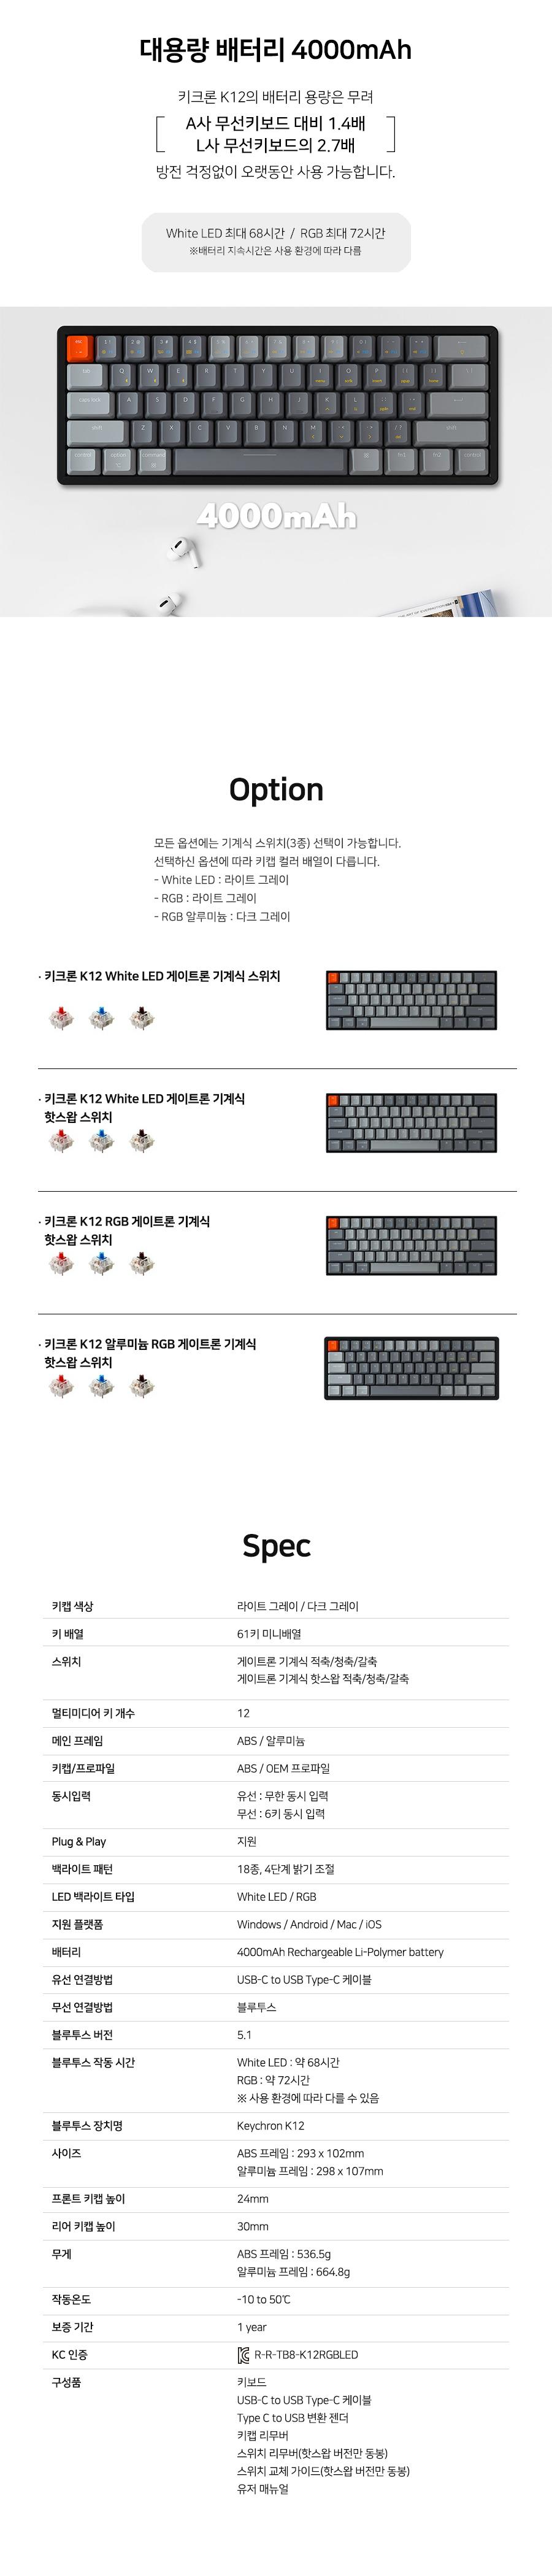 Keychron K12 LED 핫스왑 (갈축)